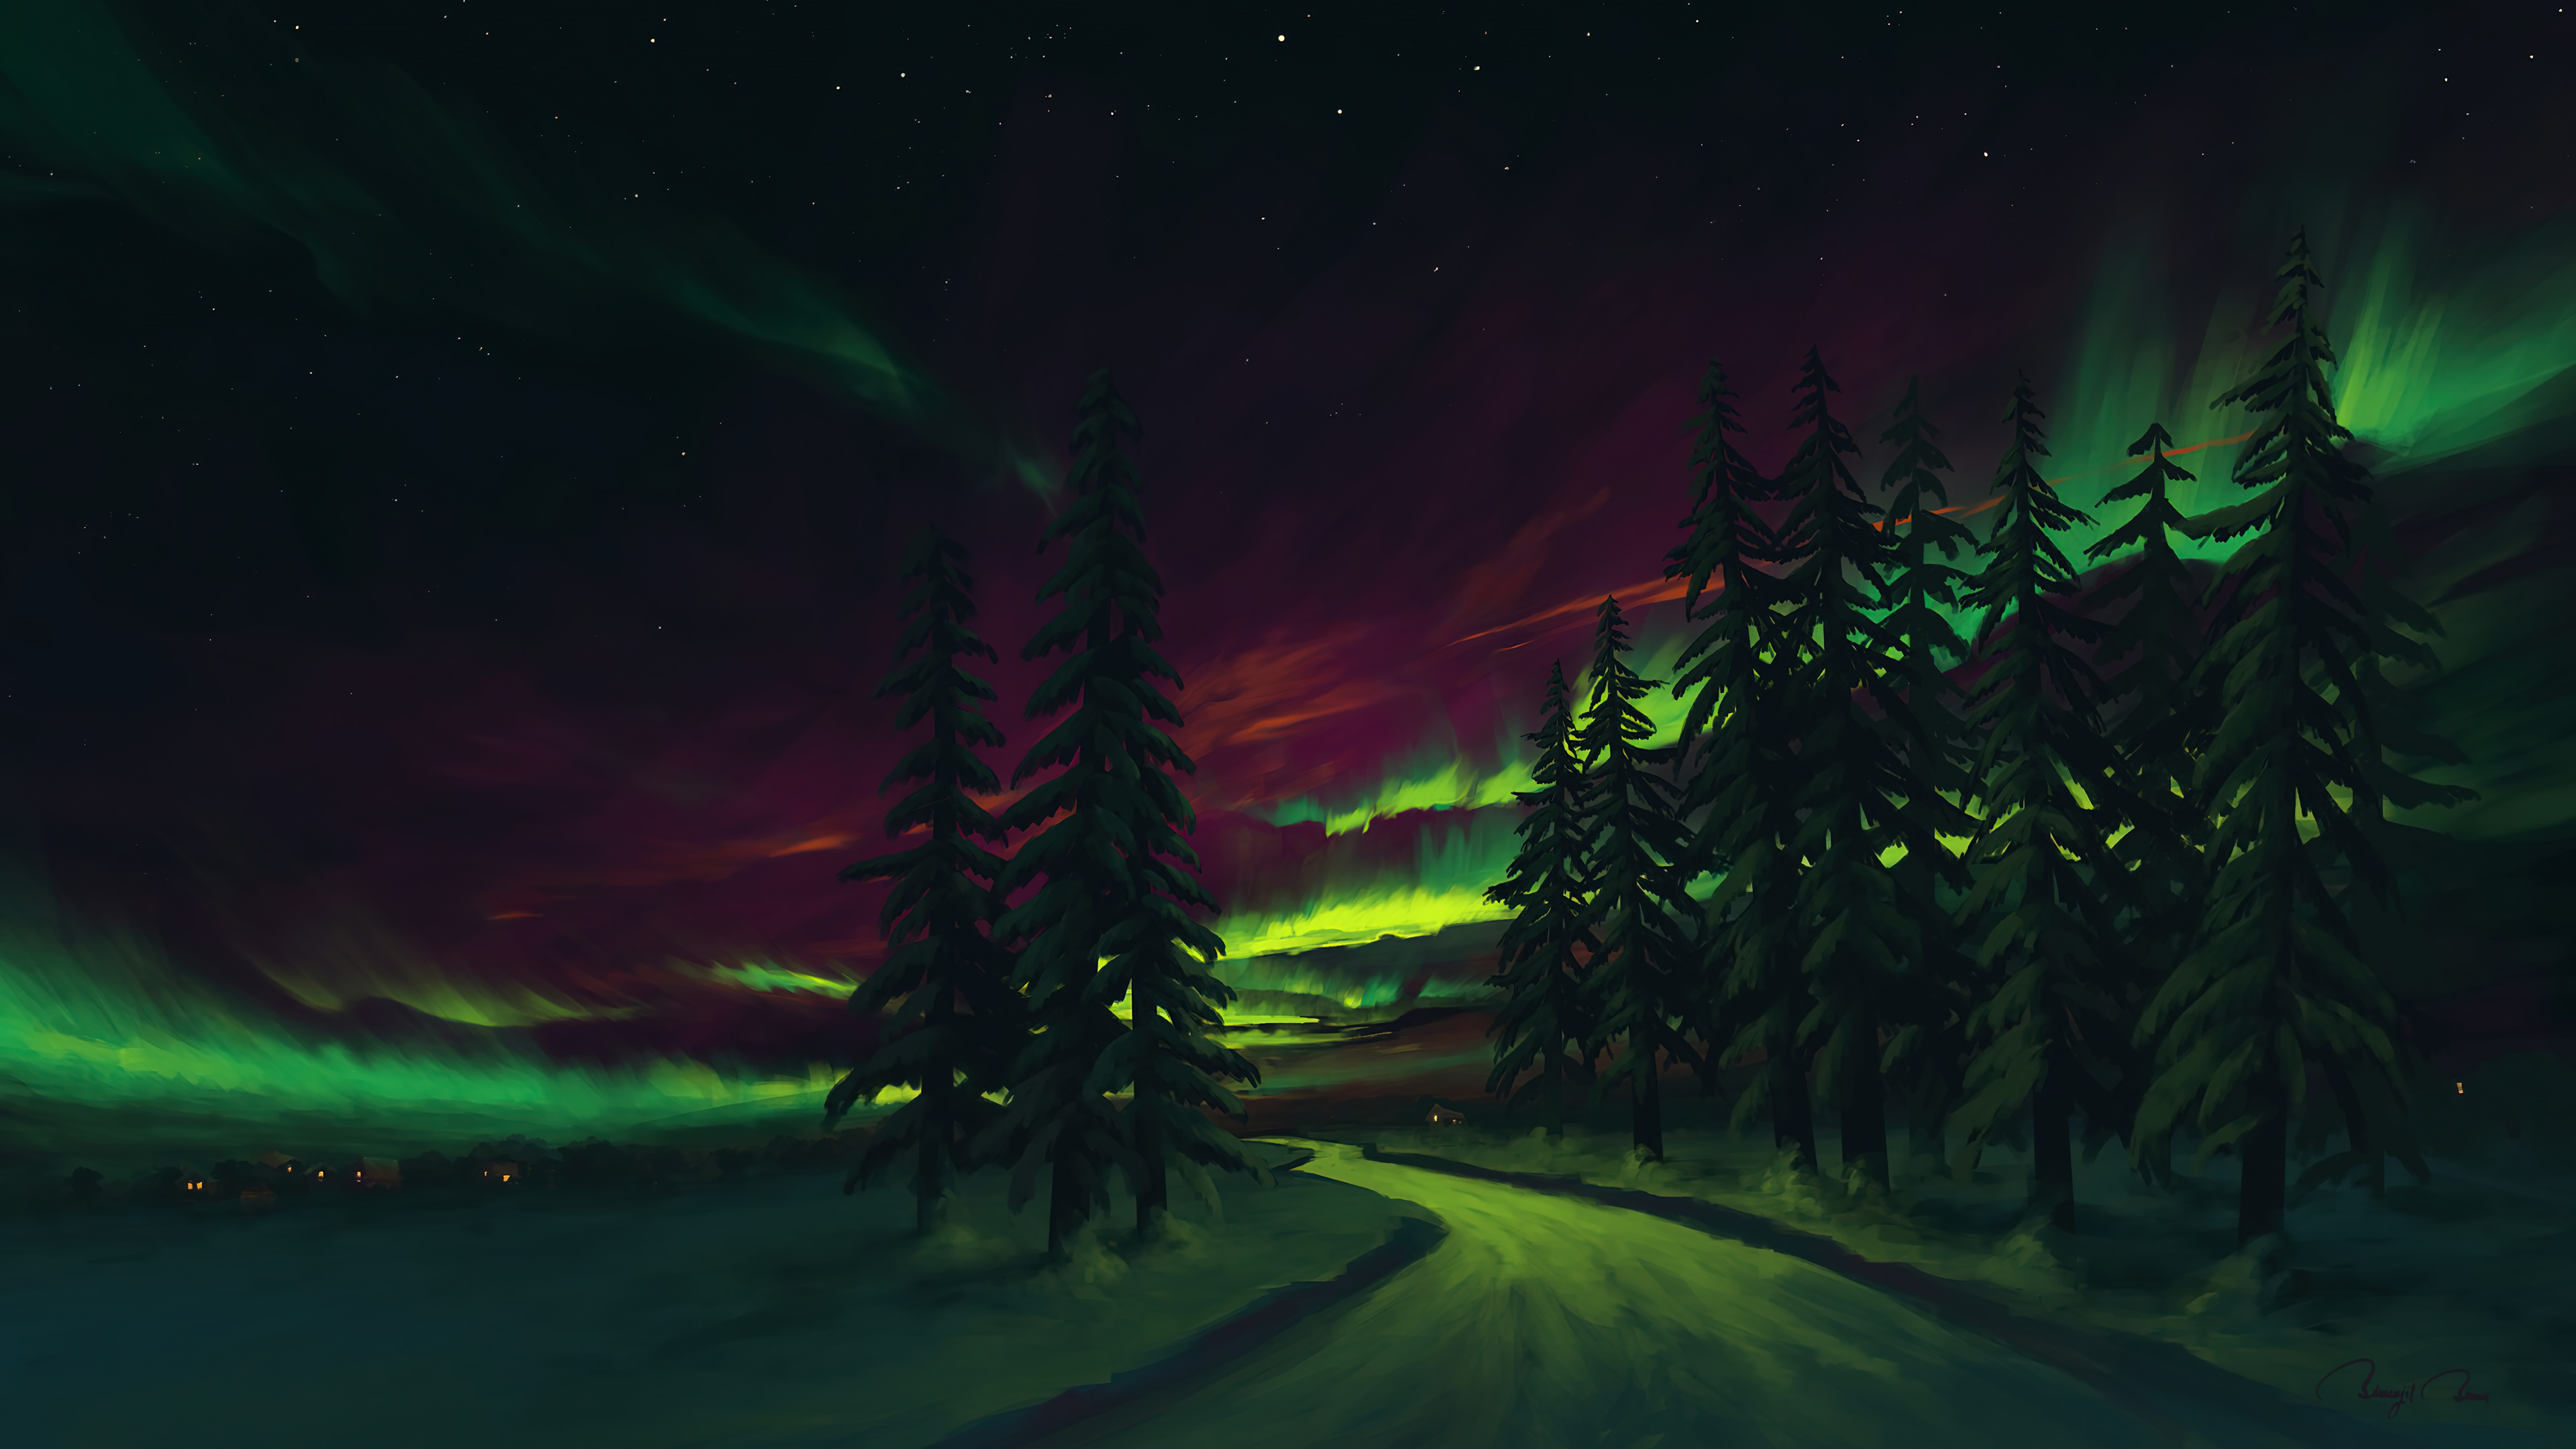 Fondos de pantalla Aurora Polar en el bosque